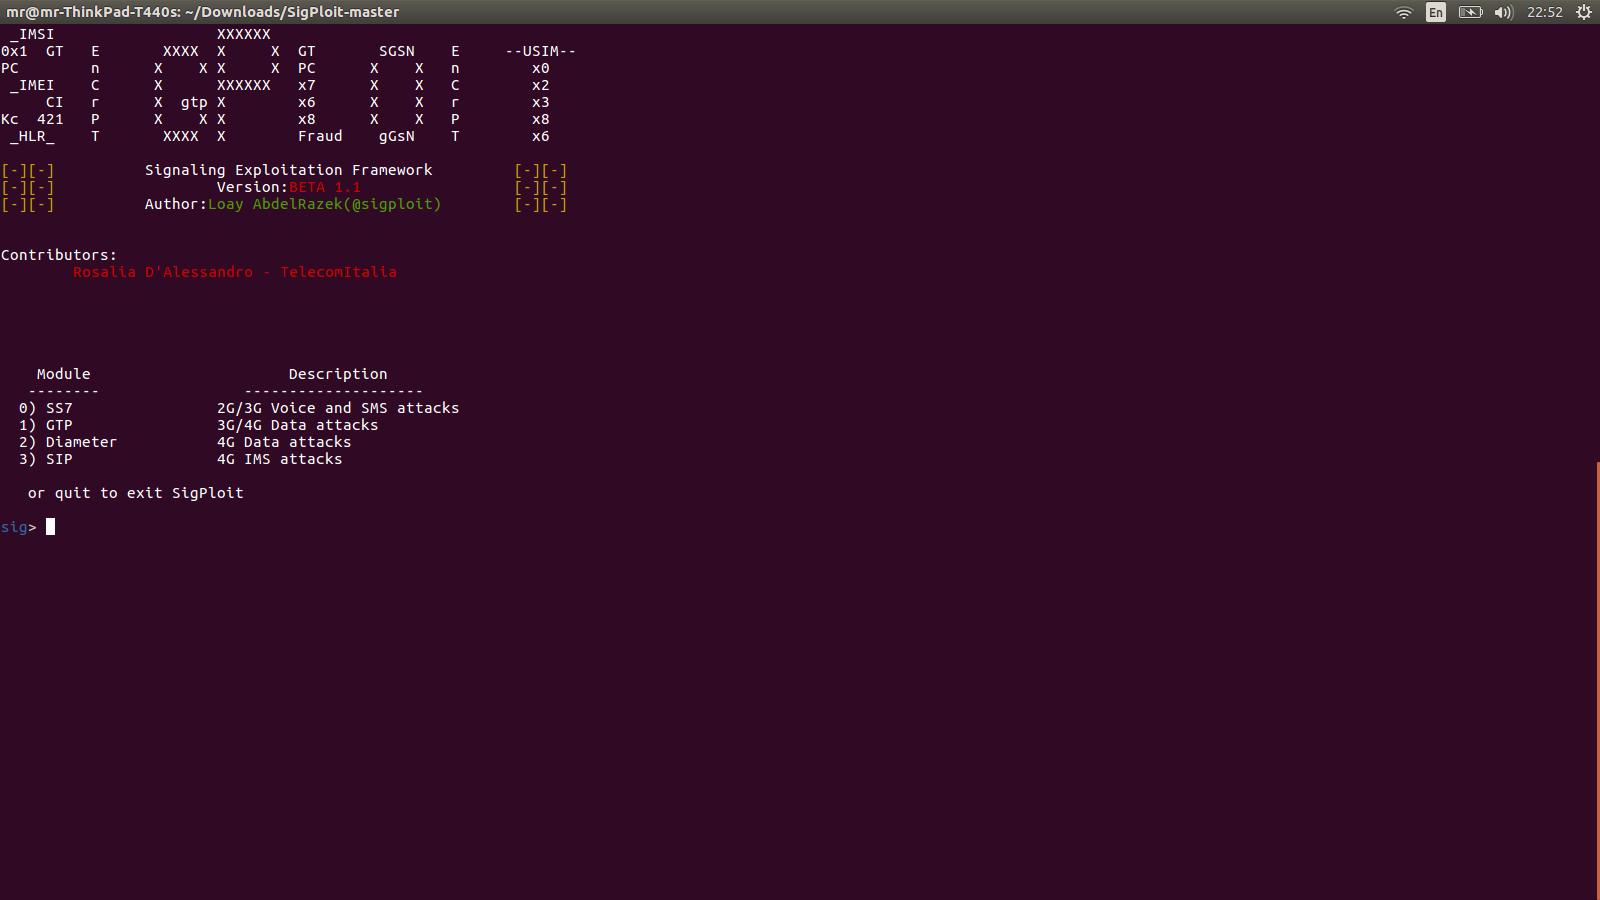 Problem when install new SigPloit · Issue #137 · SigPloiter